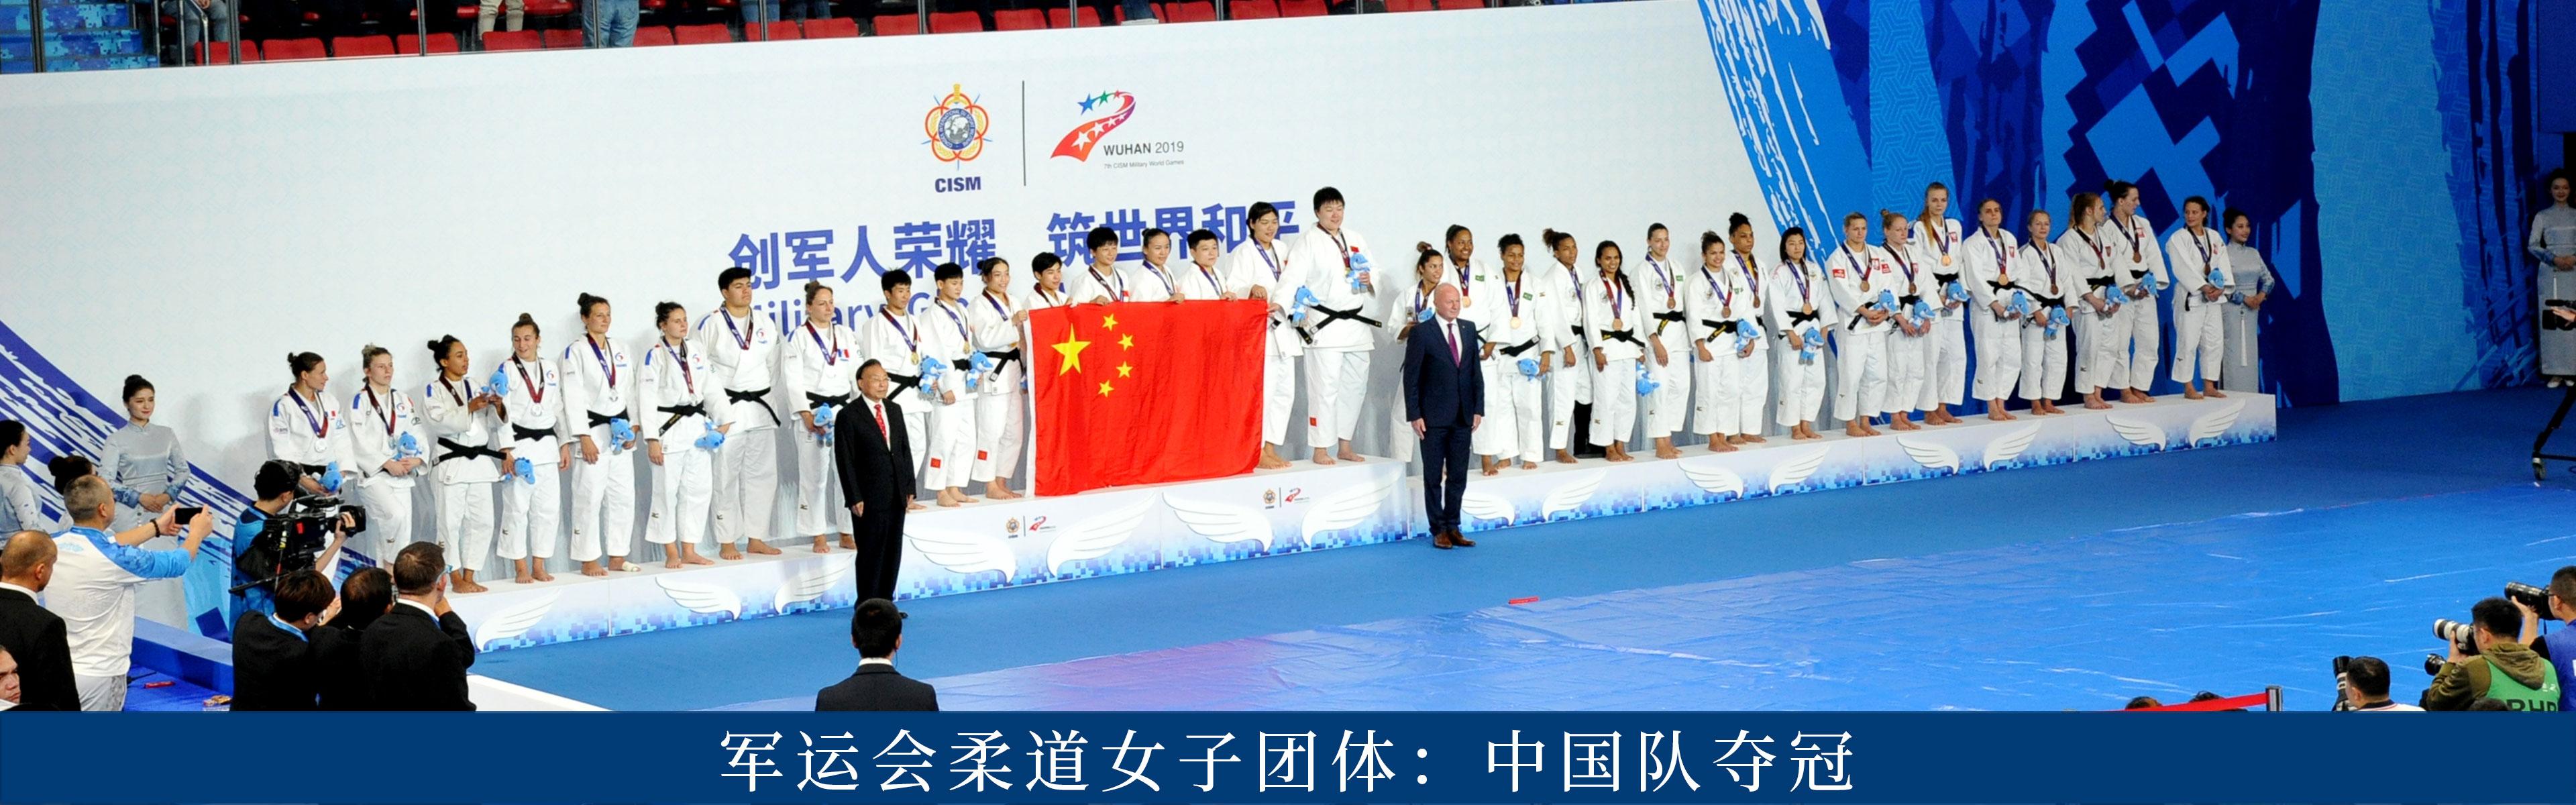 第七届世界军人运动会柔道比赛落下帷幕